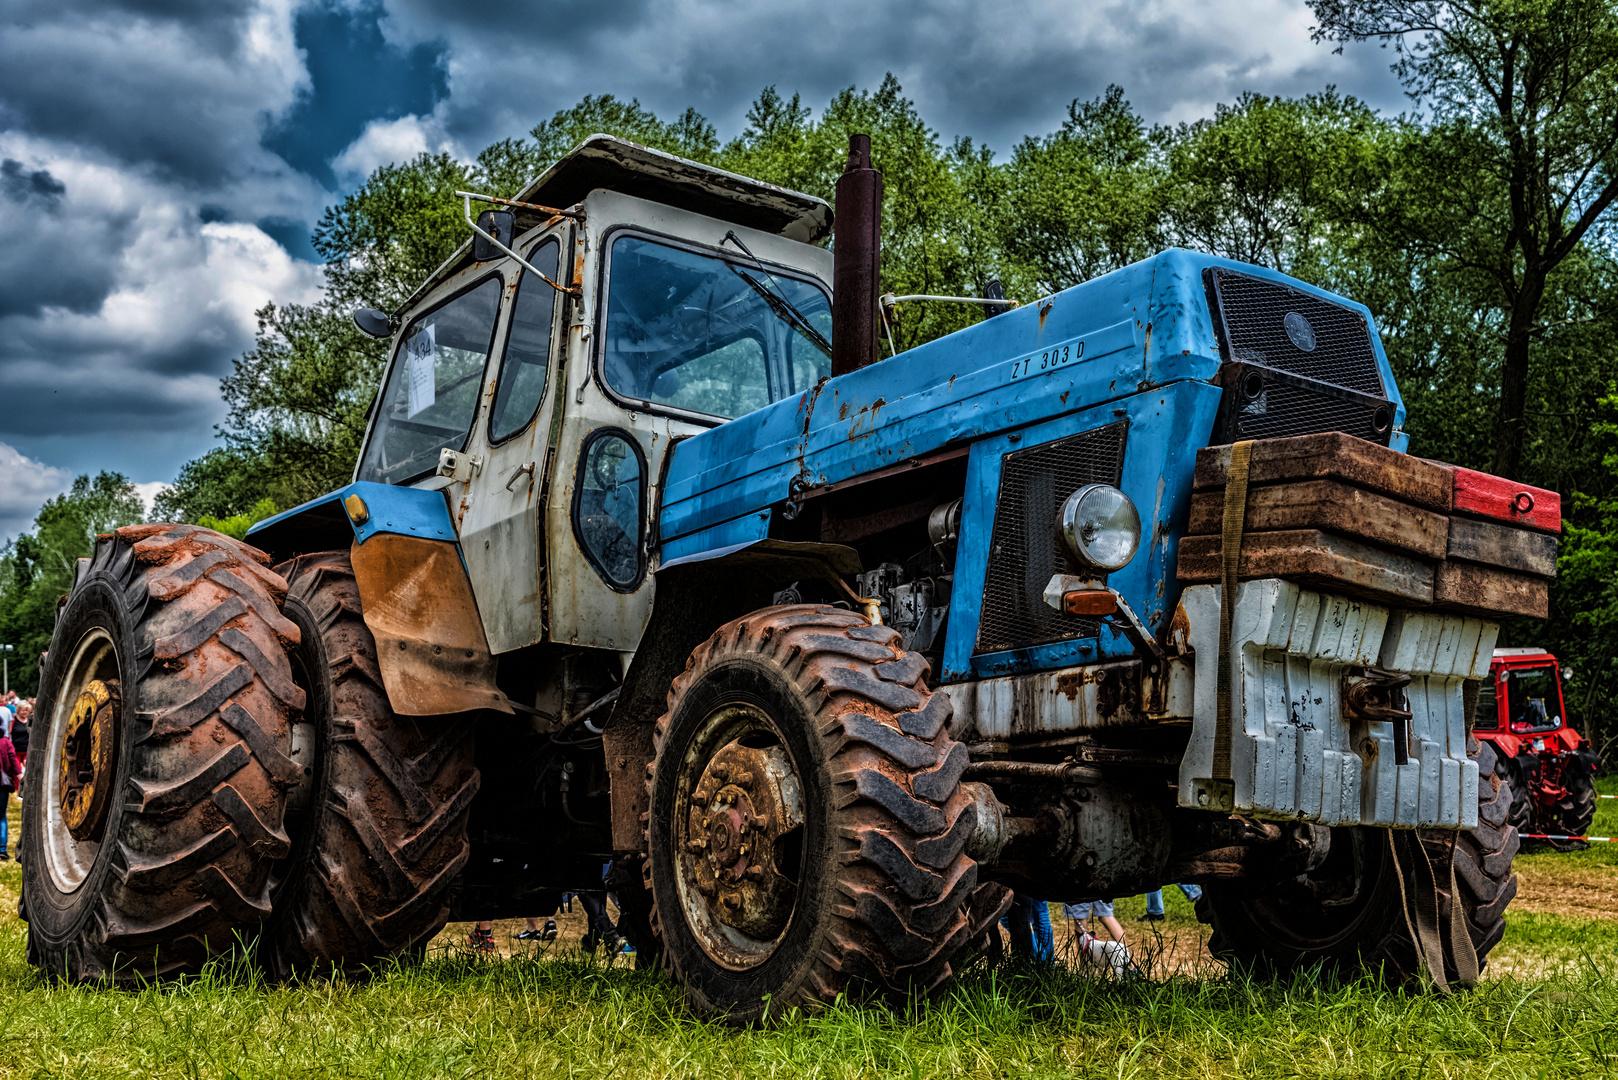 zt 303 d foto bild oldtimer industrie traktor bilder. Black Bedroom Furniture Sets. Home Design Ideas